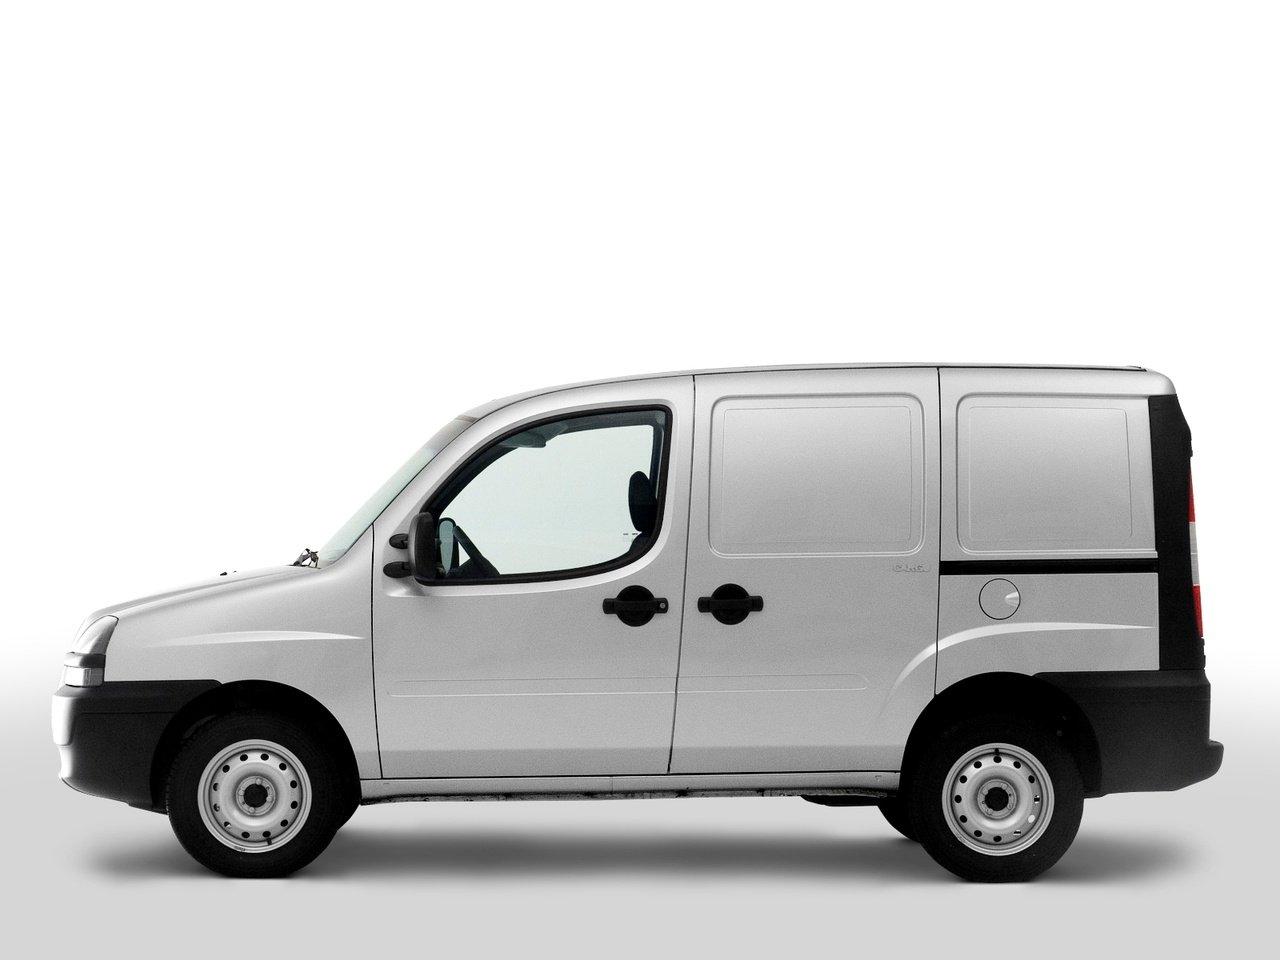 un furgone Fiat Doblo' color bianco con rifiniture nere